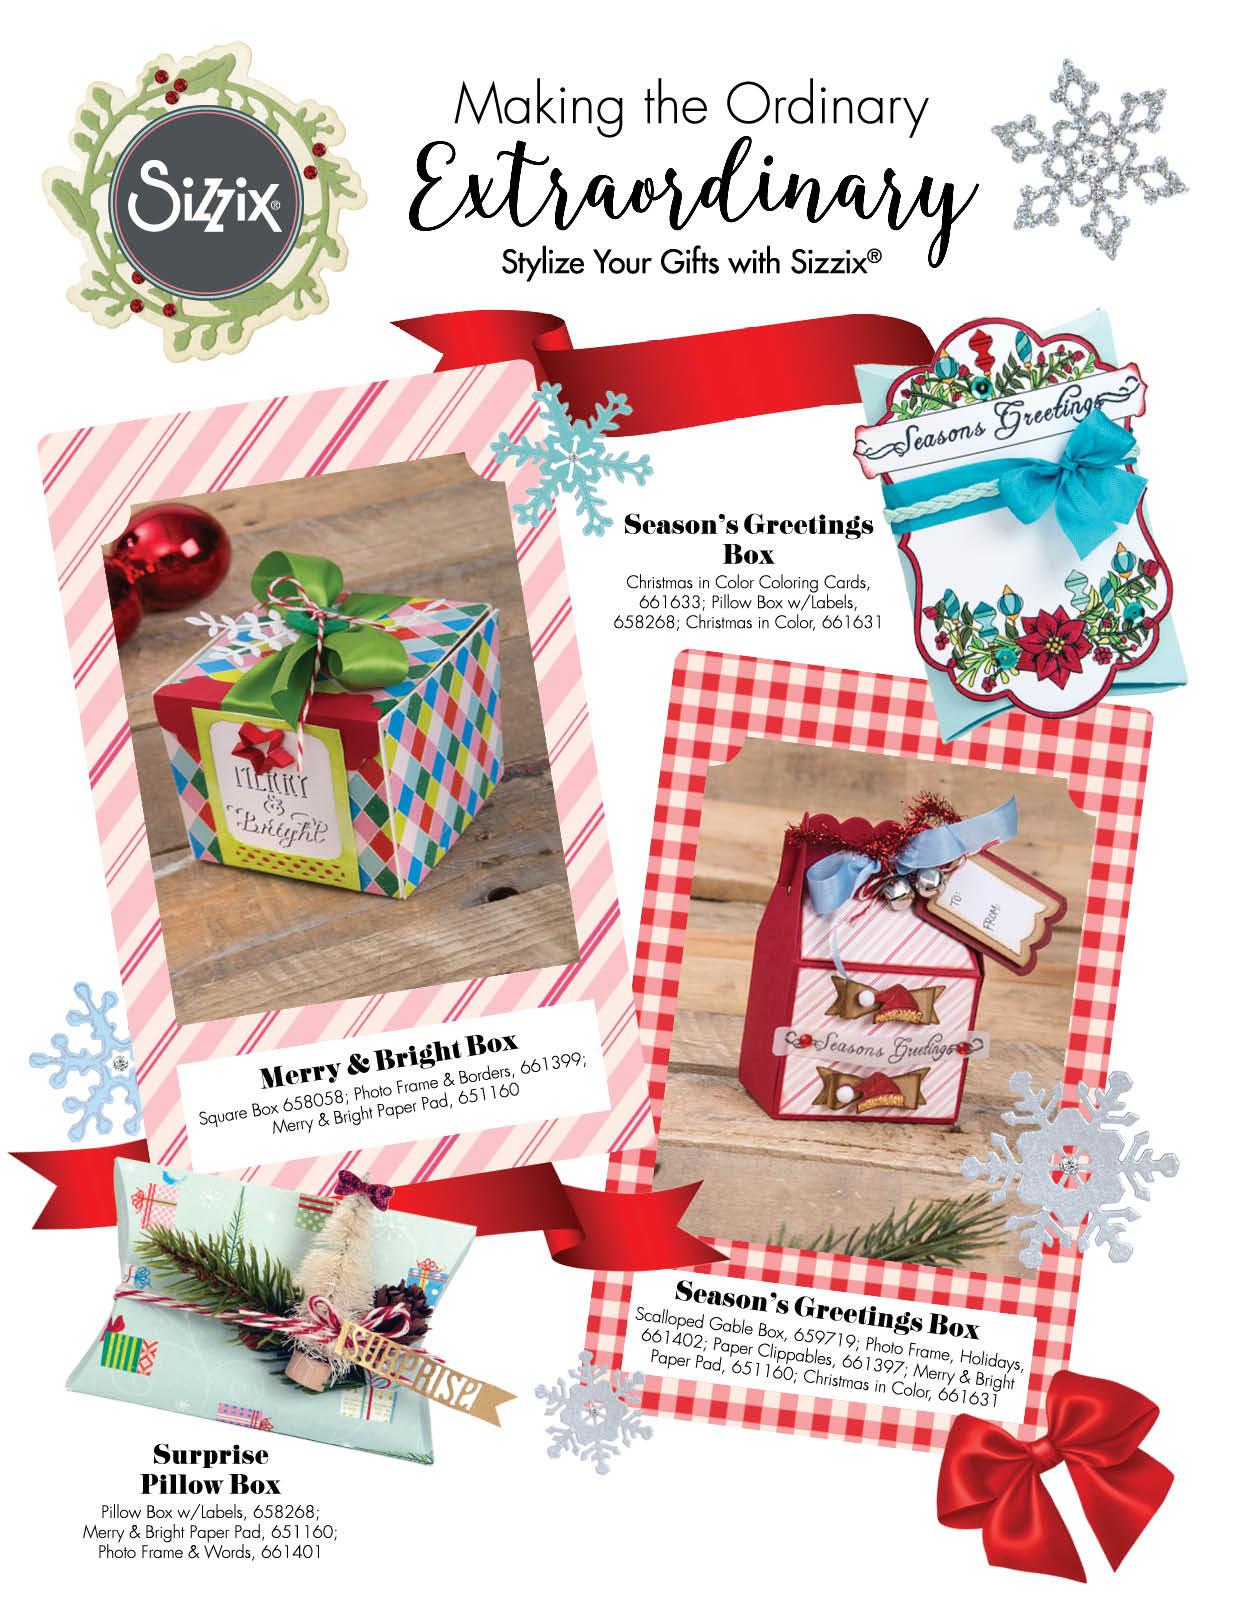 Ssshhhsneak Peek Of Sizzix Holiday Gifts Sizzix Blog